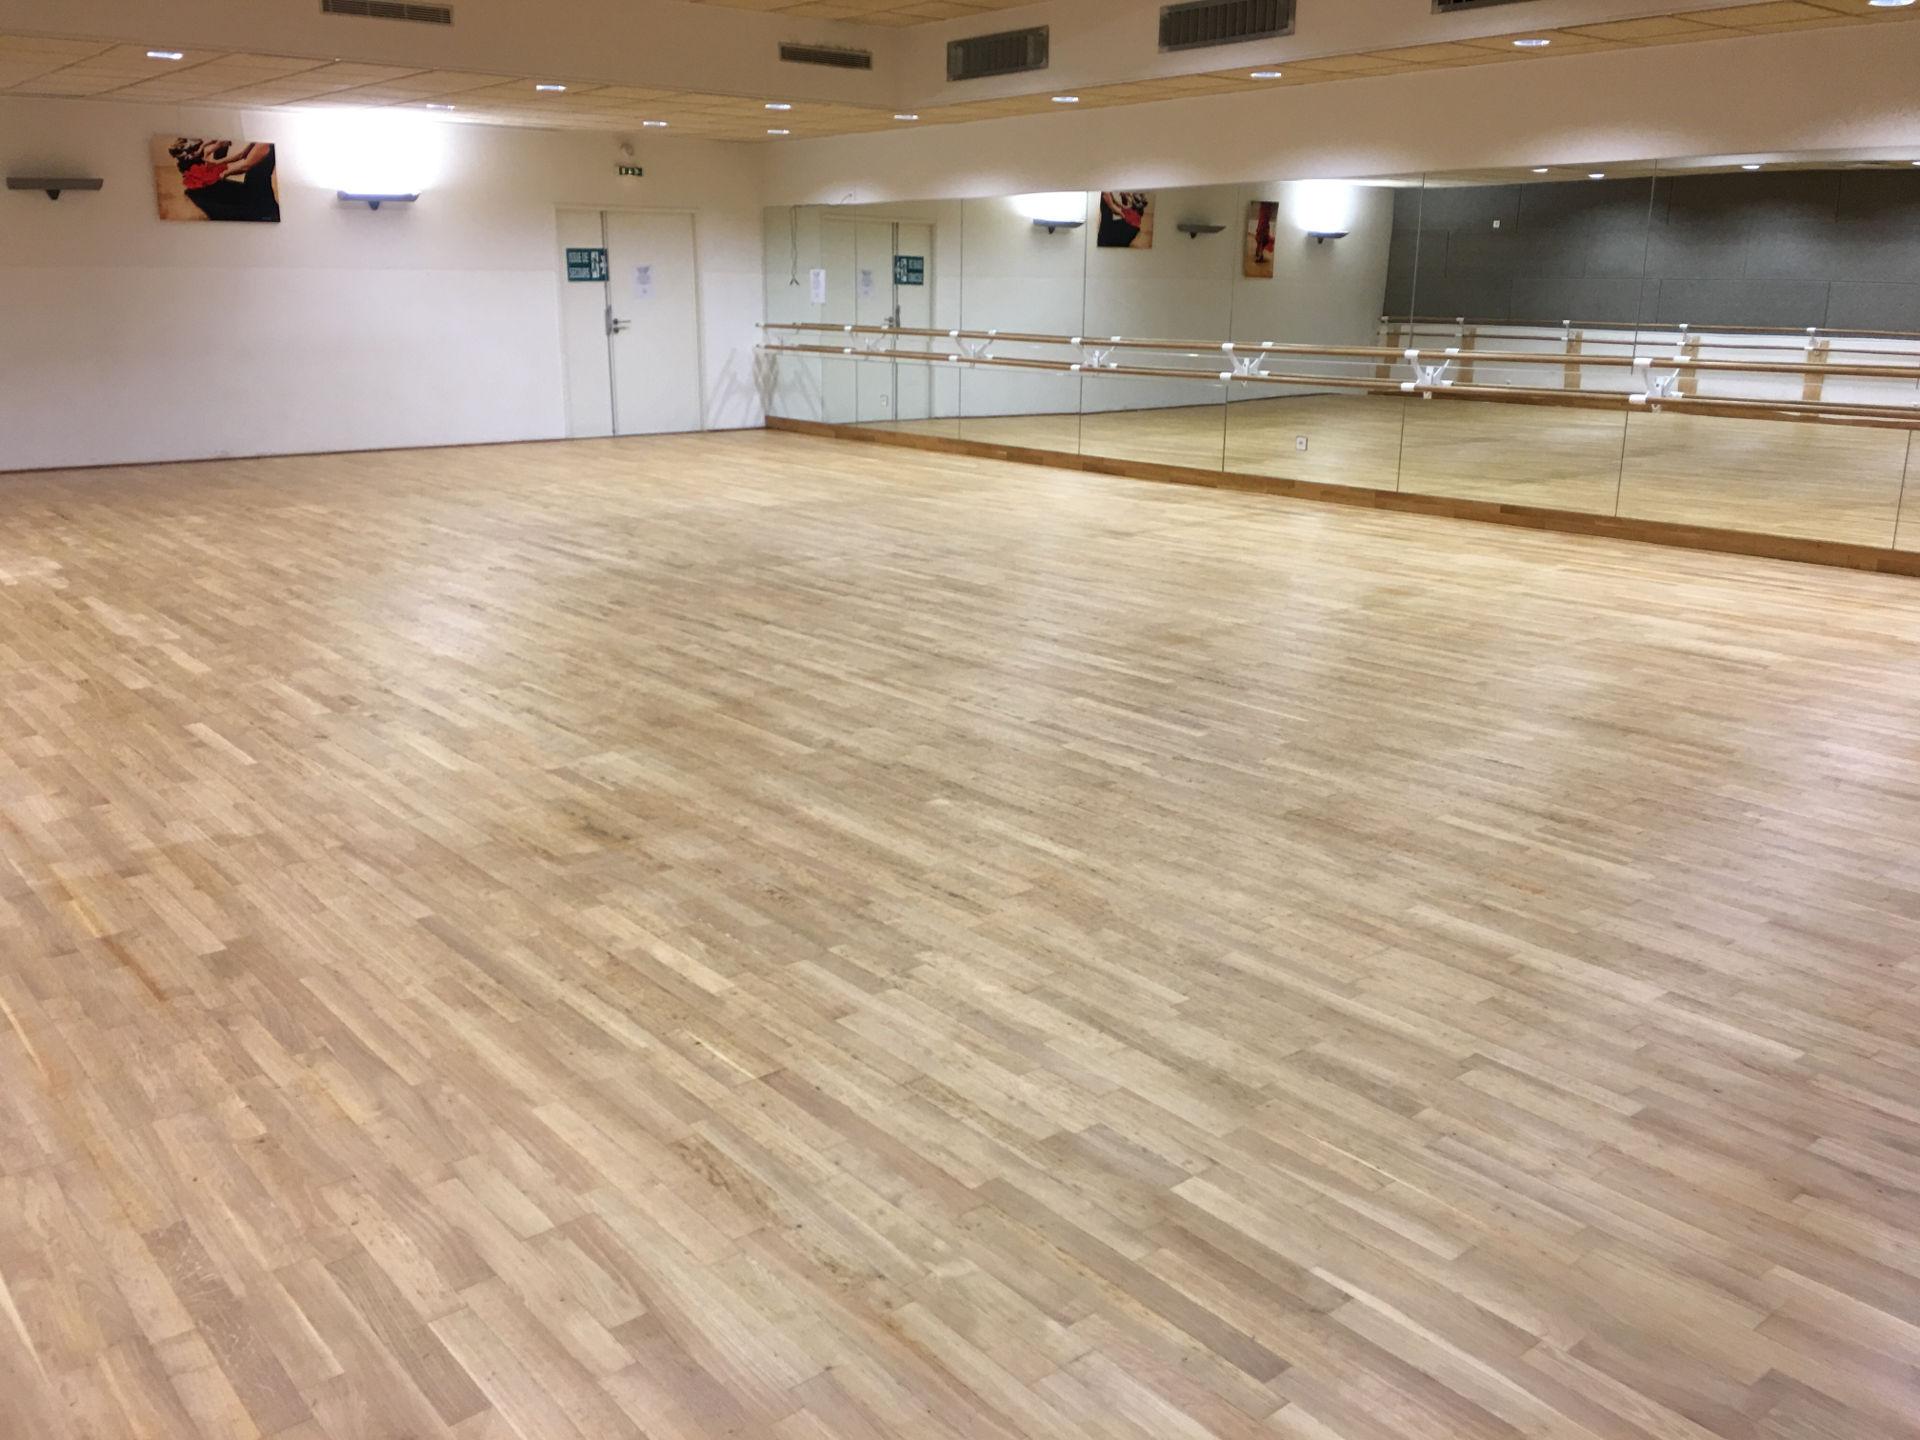 réfection de parquet dans une salle de danse à Mauguio